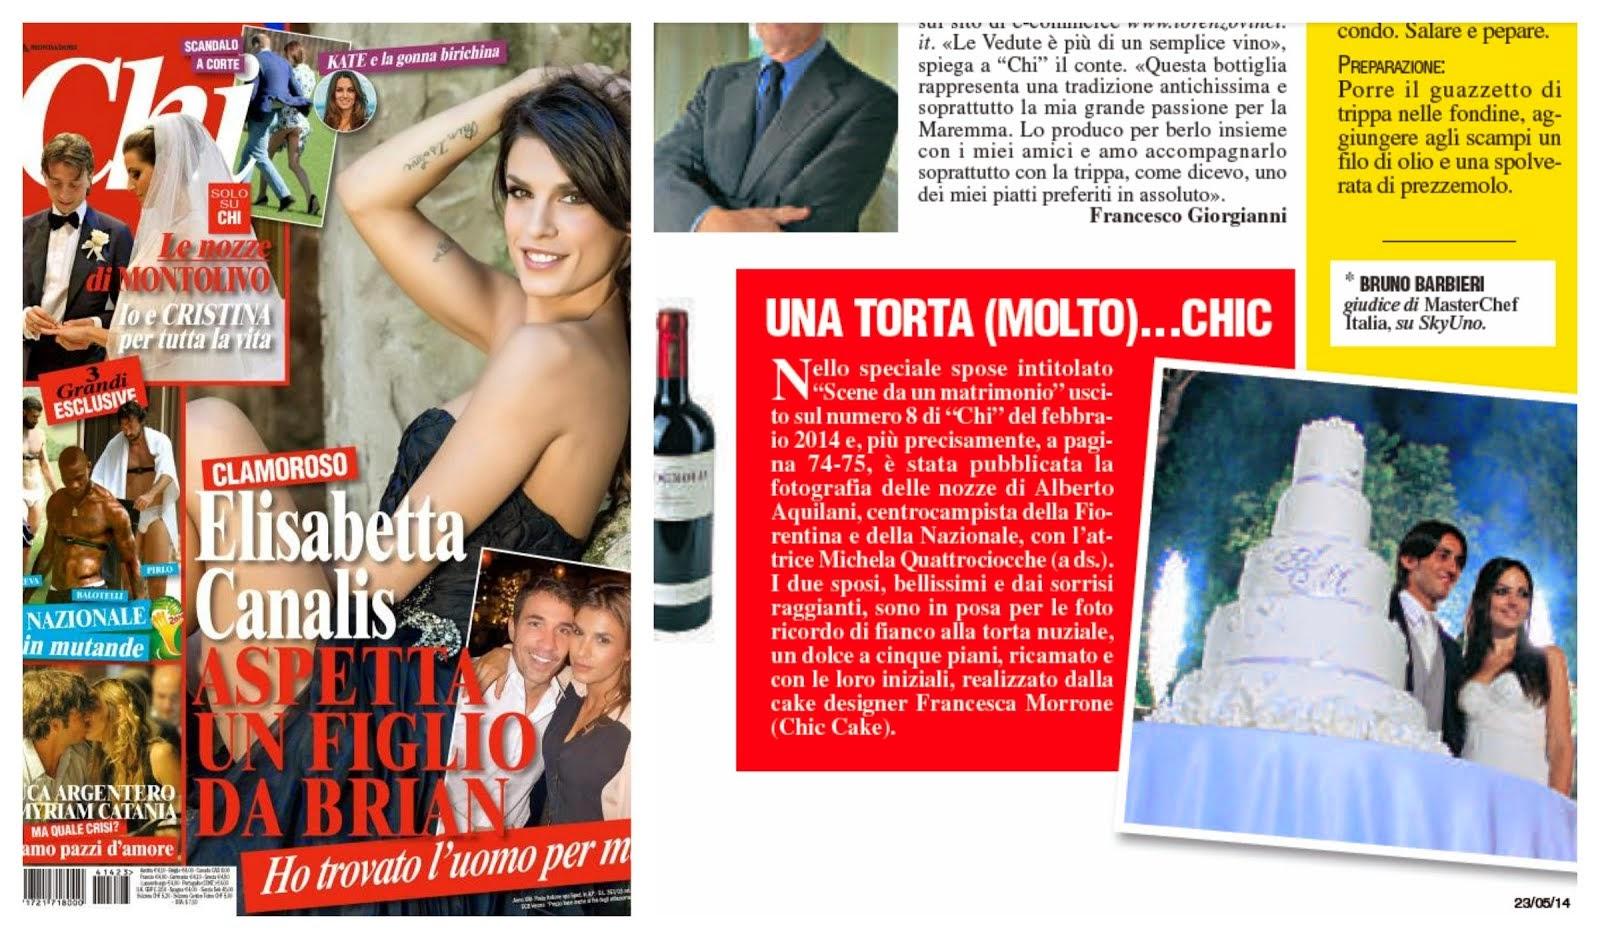 Su CHI parlano di una wedding cake firmata da.... Francesca Morrone-Chic Cake